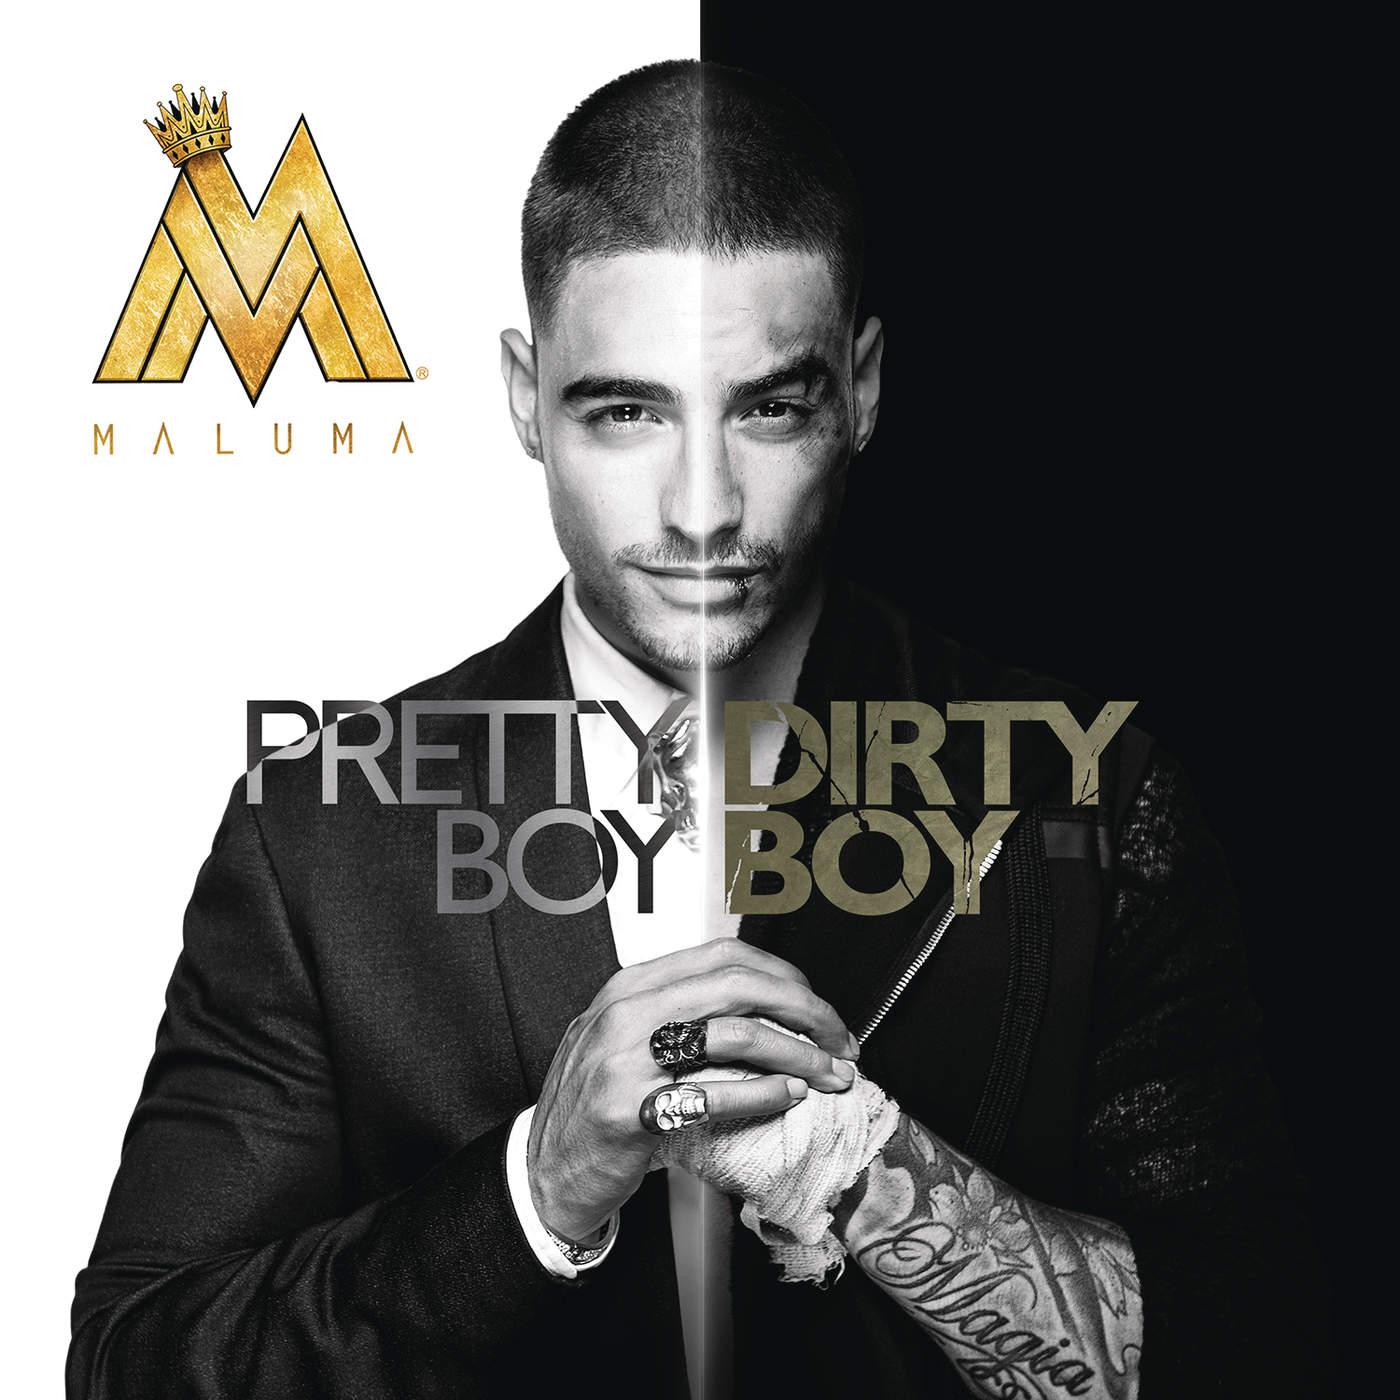 maluma-pretty-boy-dirty-boy